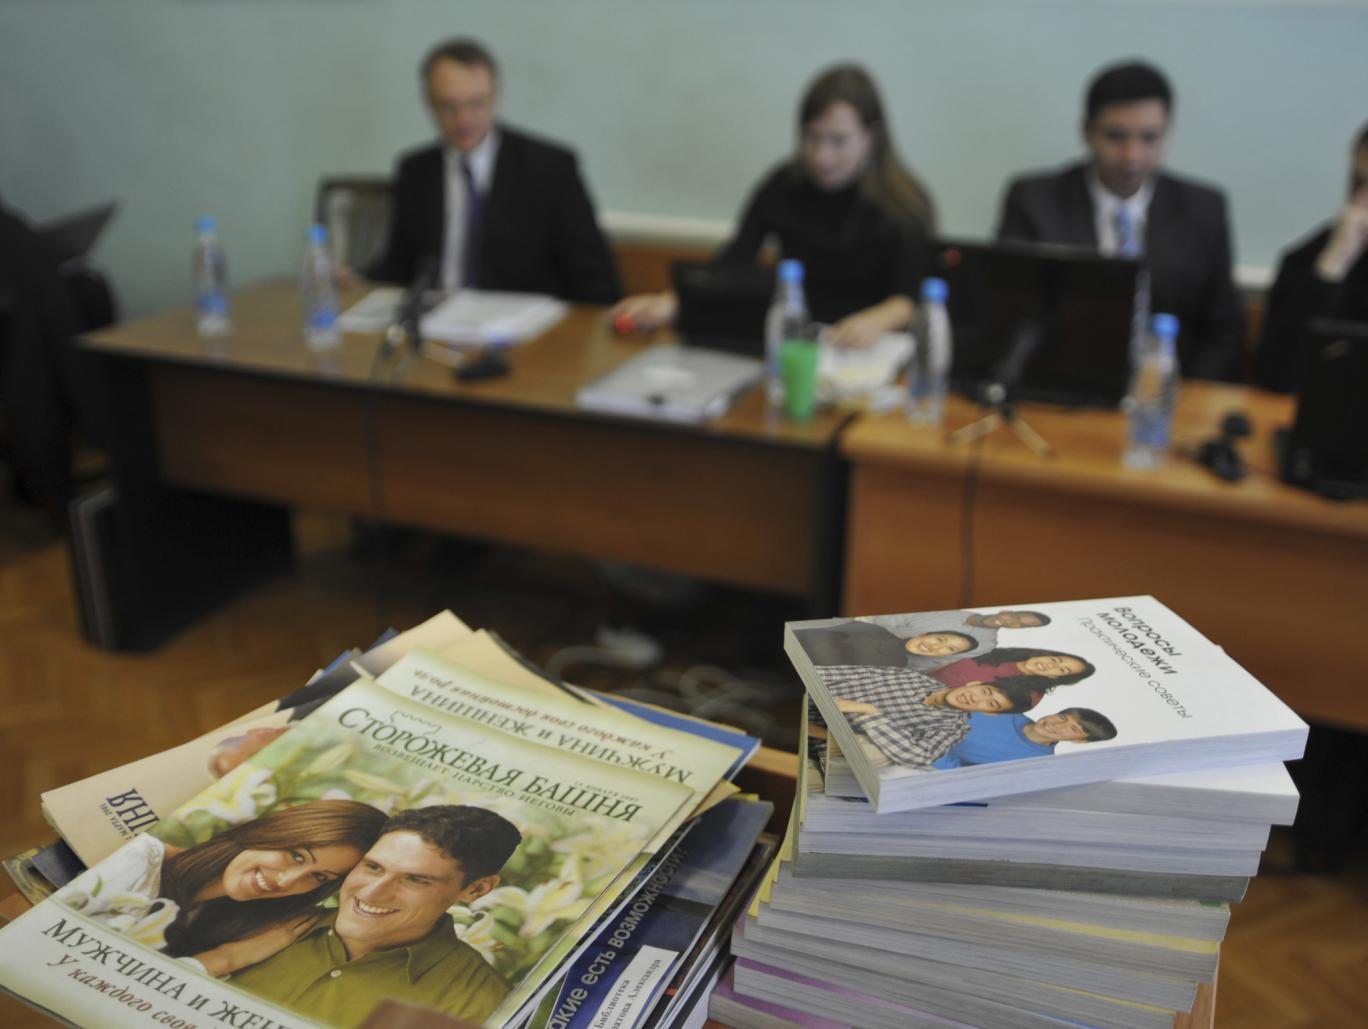 Јеховините сведоци прогласени за екстремисти во Русија